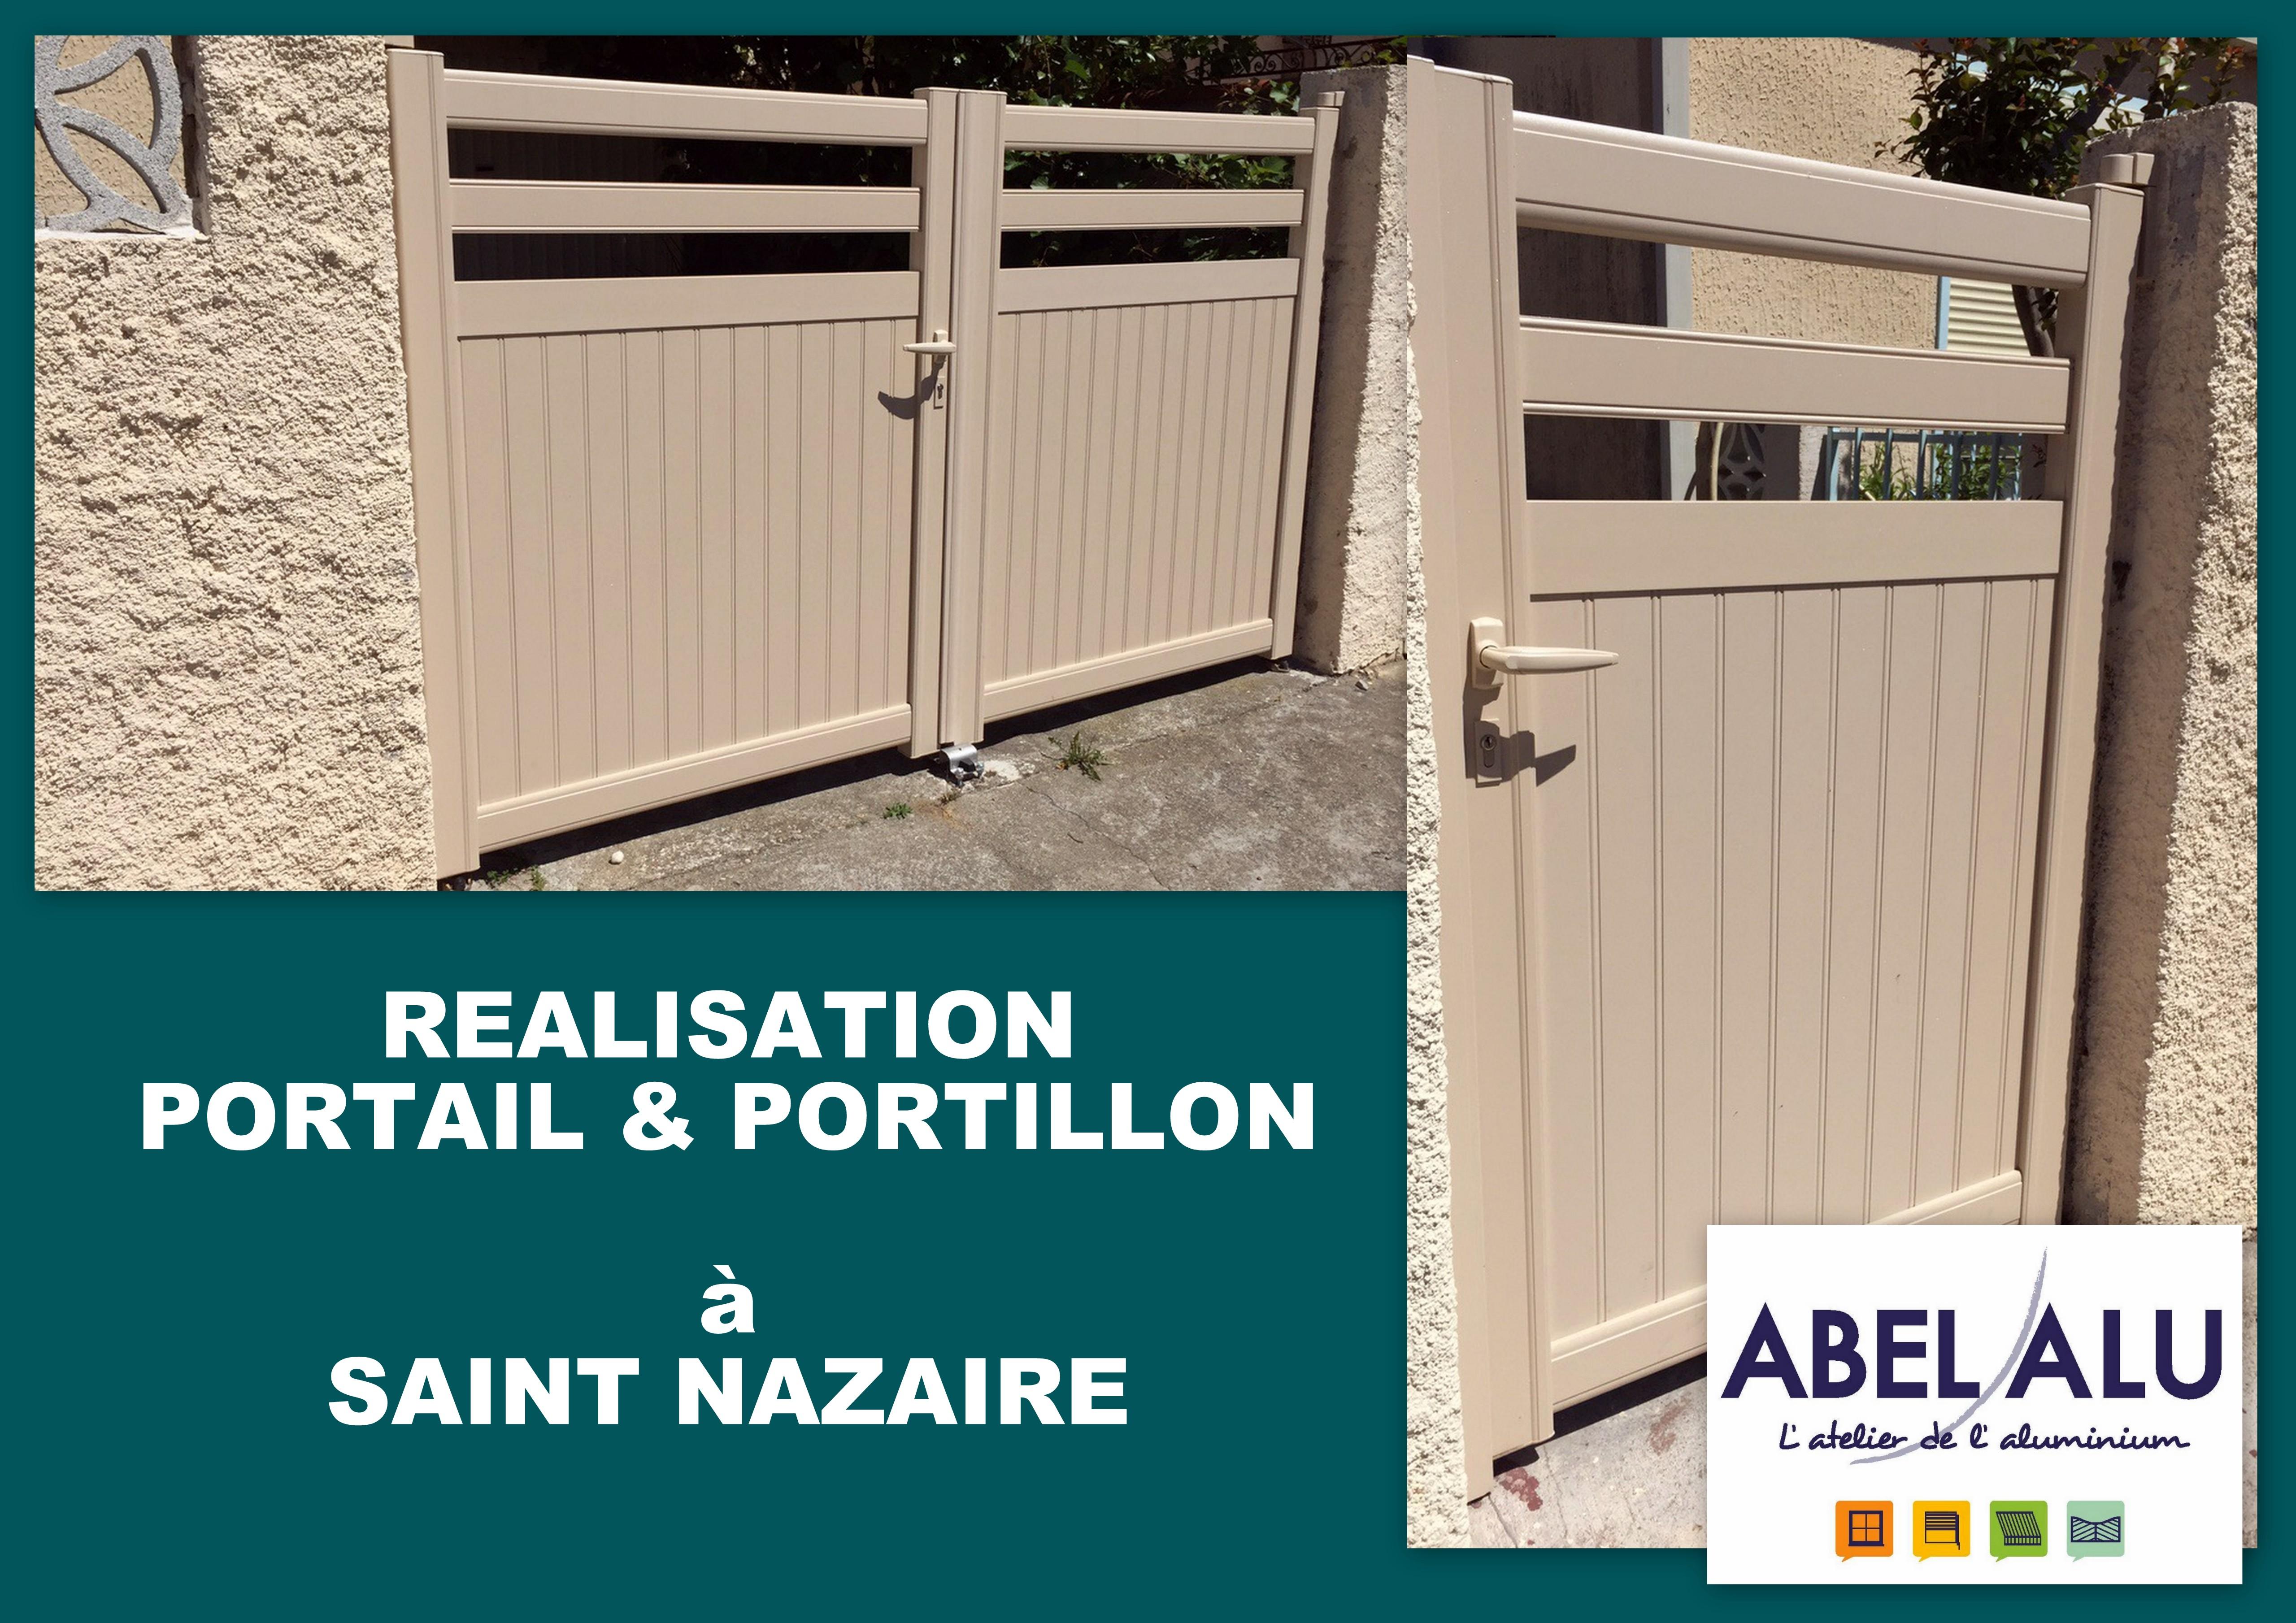 ABEL ALU - PORTAIL&PORTILLON - SAINT NAZAIRE